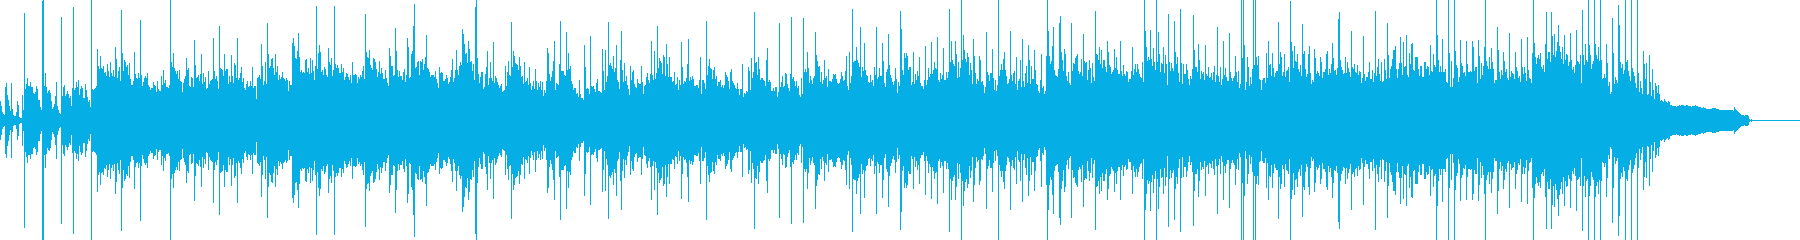 ハードなロックミュージックの再生済みの波形